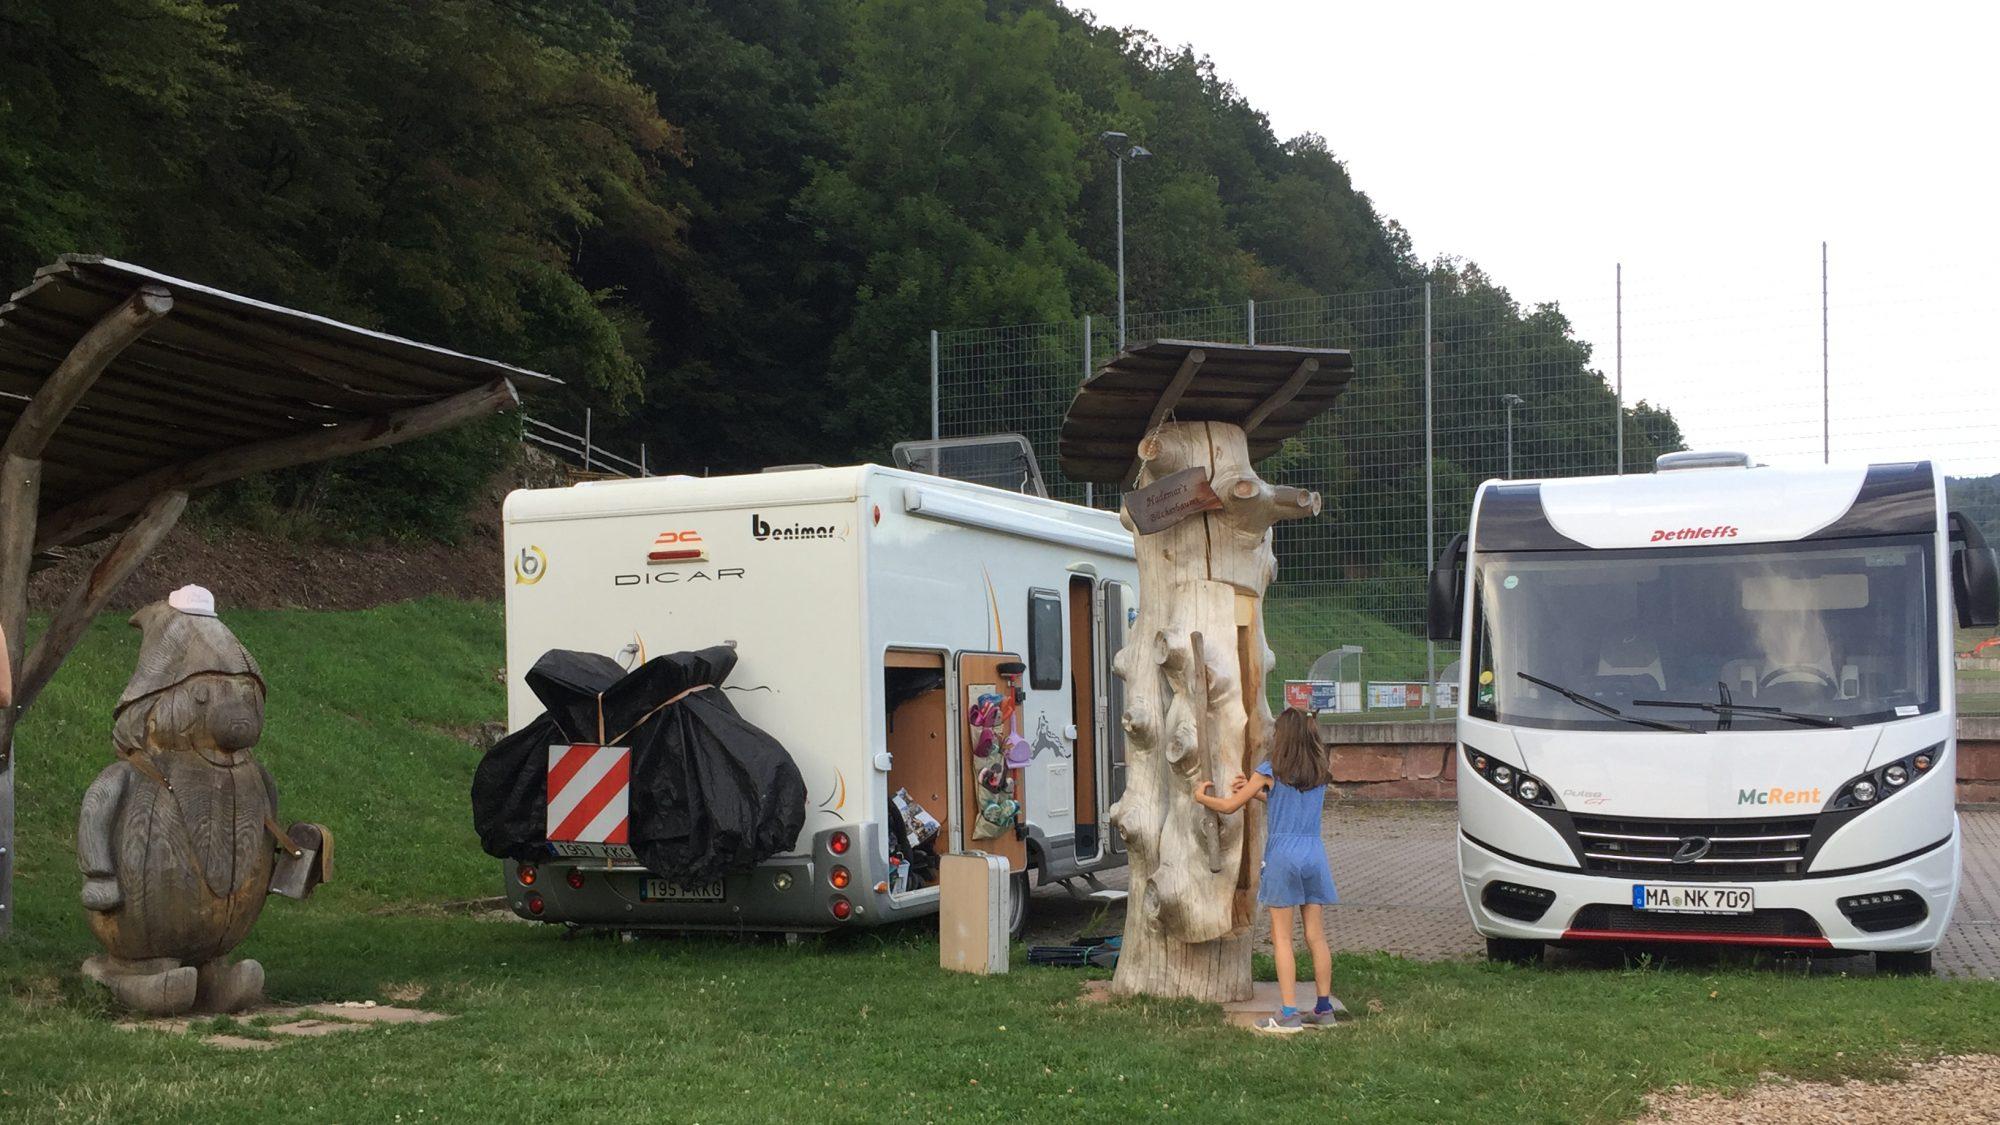 consejos para viajar en autocaravana con niños en selva negra_autocaravanas